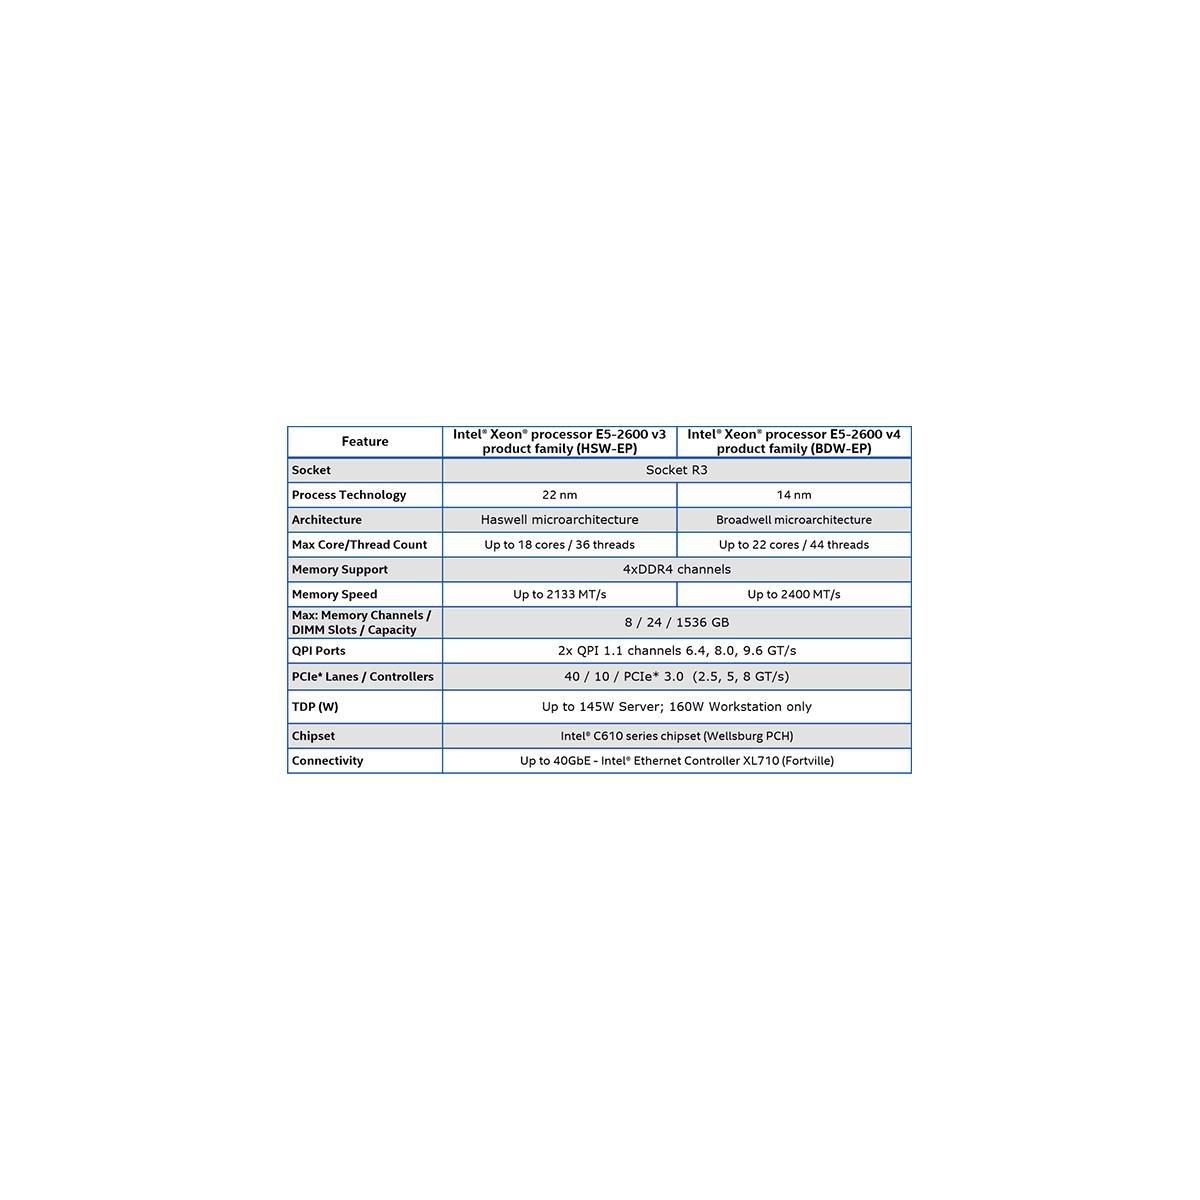 Intel Xeon Processor E5 v4 Family Debut: Dual E5-2697 v4